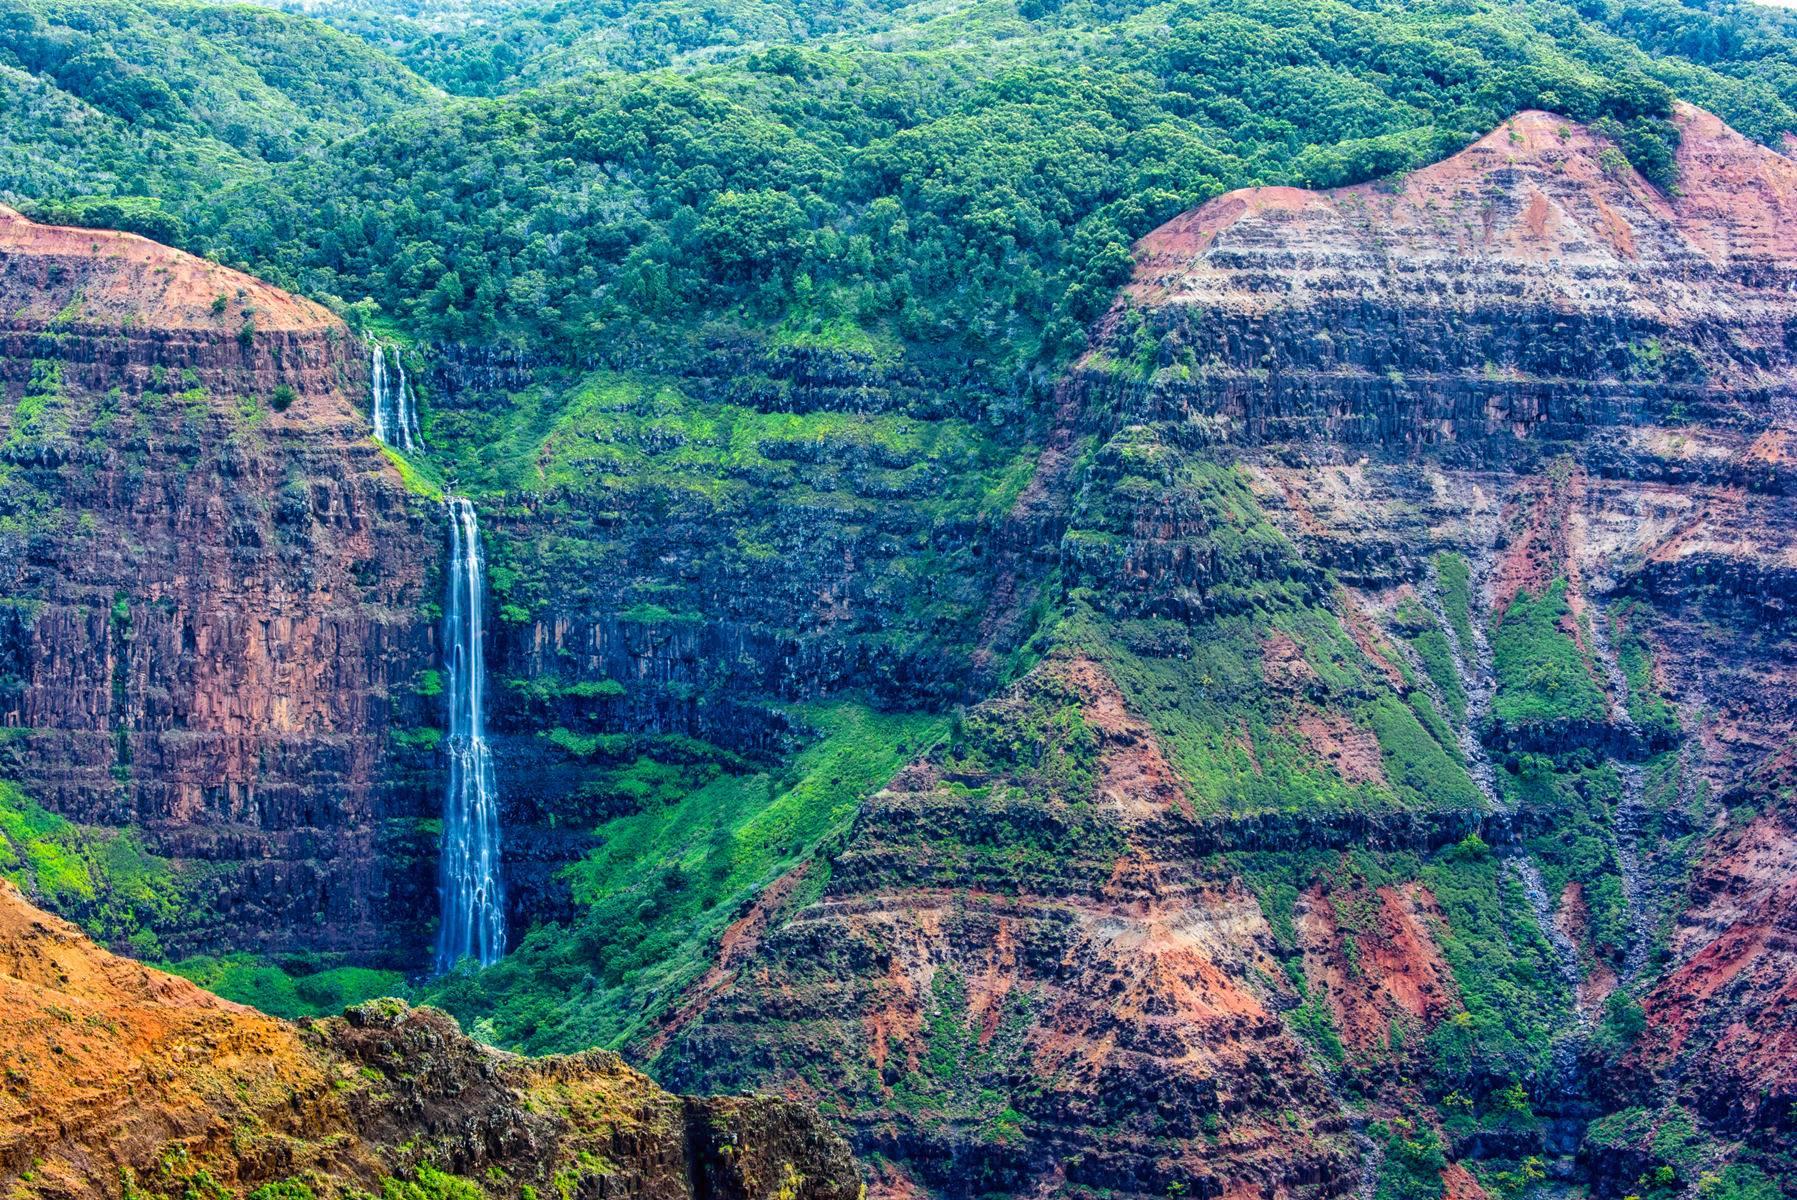 Half Day Tour to Waimea Canyon & Fern Grotto, Kauai